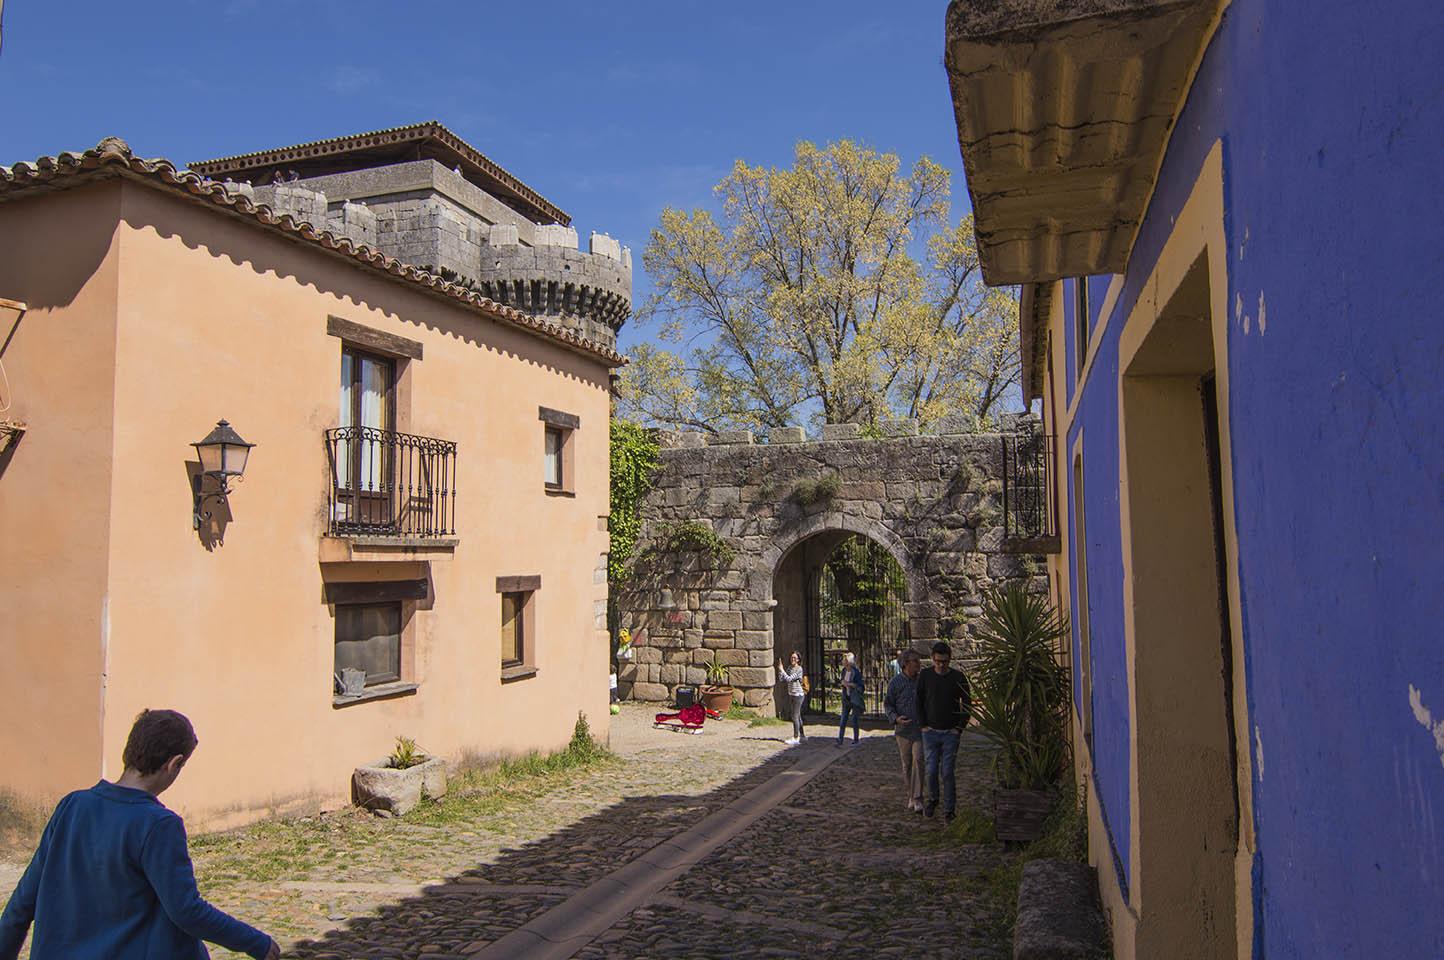 Puerta de entrada a Granadilla